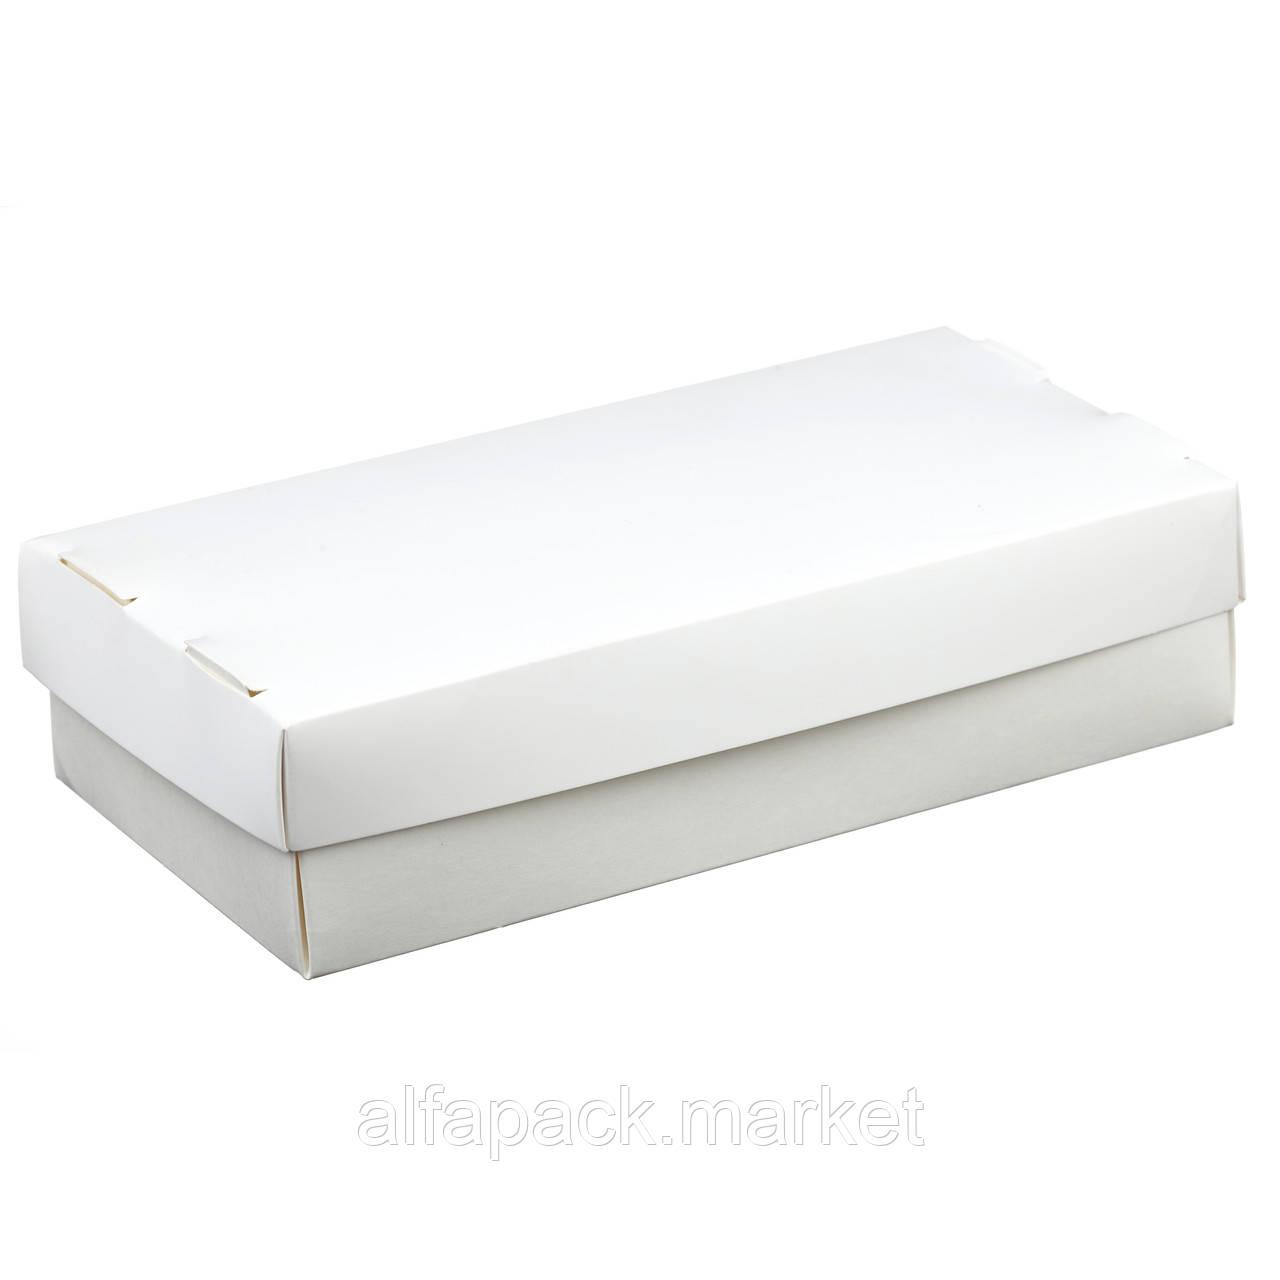 Упаковка картонная для суши 100*200*50 (100 шт. в упаковке) 010400081